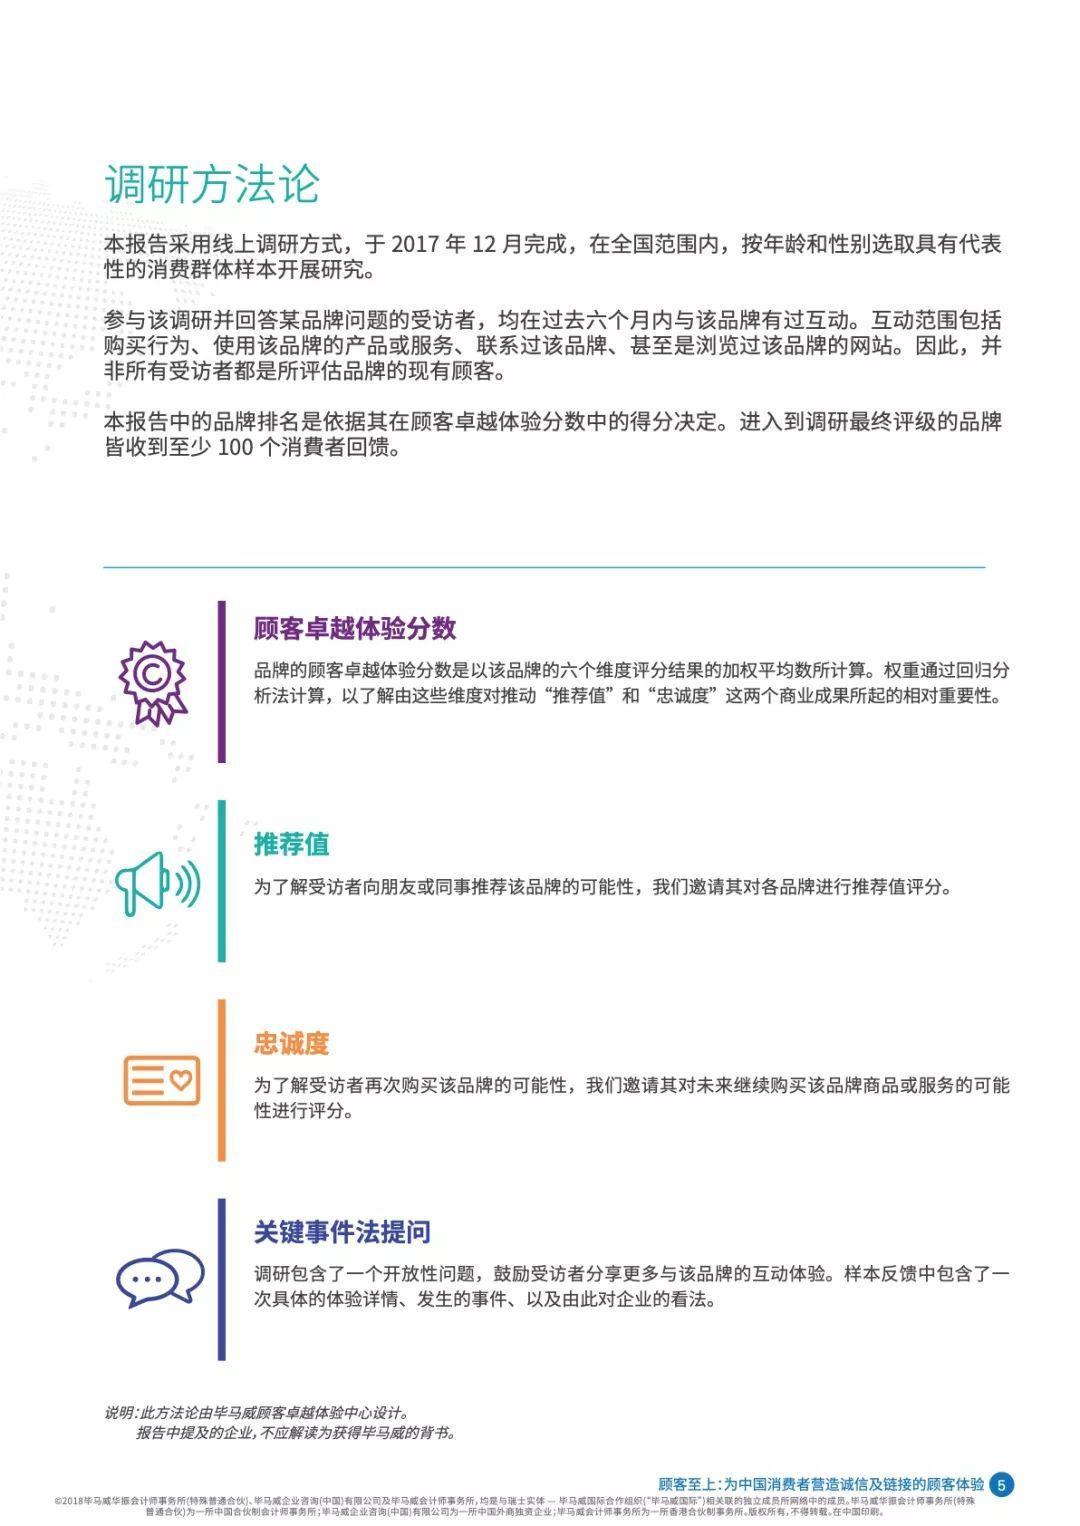 毕马威:2018中国顾客卓越体验报告(50页)